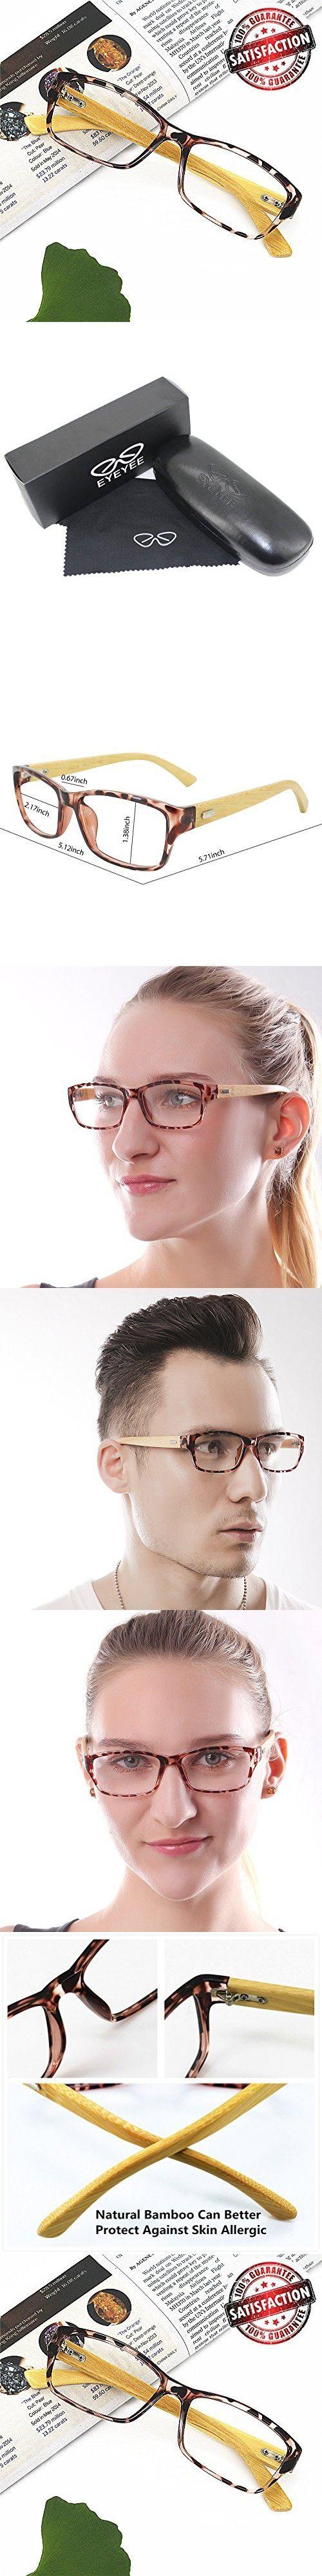 Bamboo Reading Glasses 5.0 - EyeYee 2017 New Comfortable Fit Glasses for Women Men High Magnification Light Tortoise Readers Wayfarer Anti Glare Anti Eye Strain